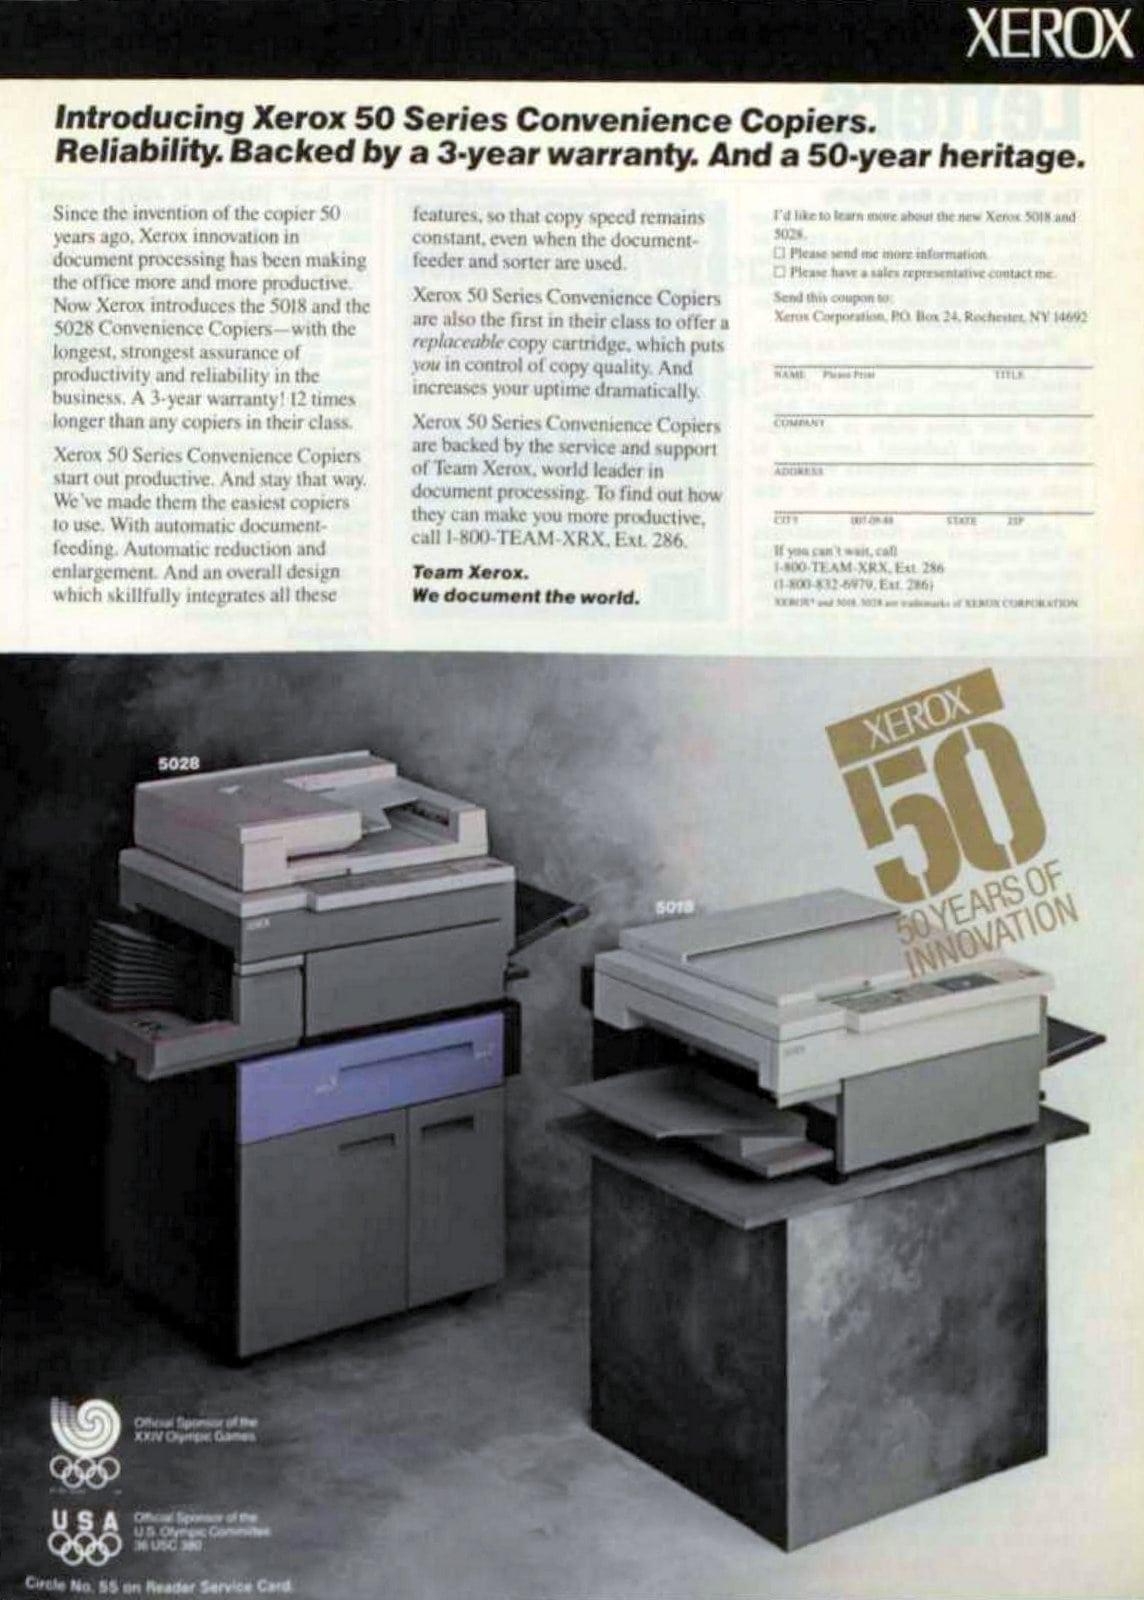 Vintage Xerox 50 Series Convenience Copier (1988)